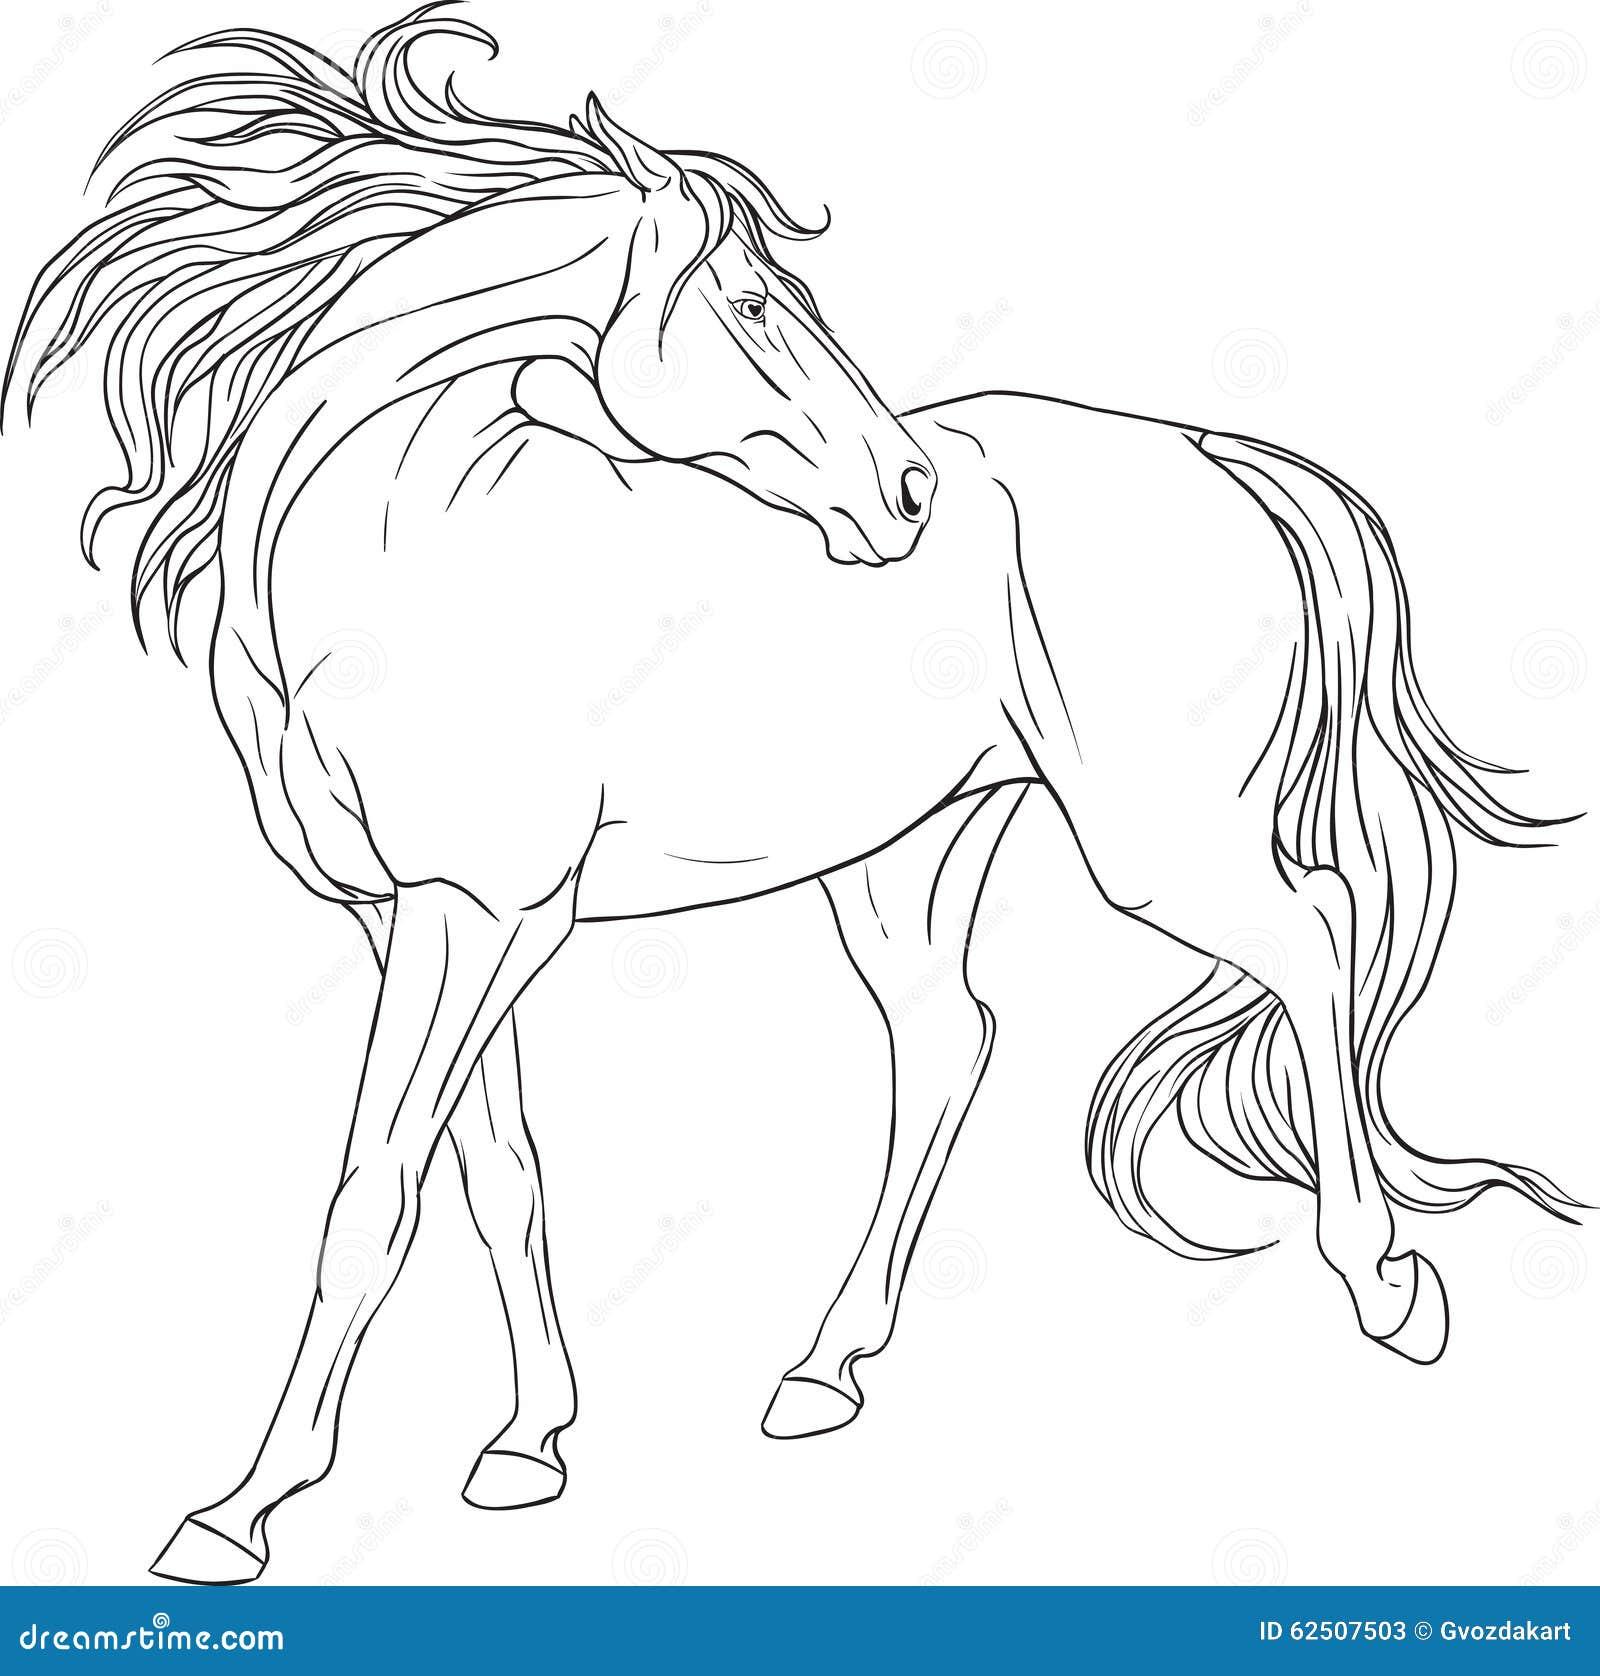 imagens pequenas de cavalos para colorir